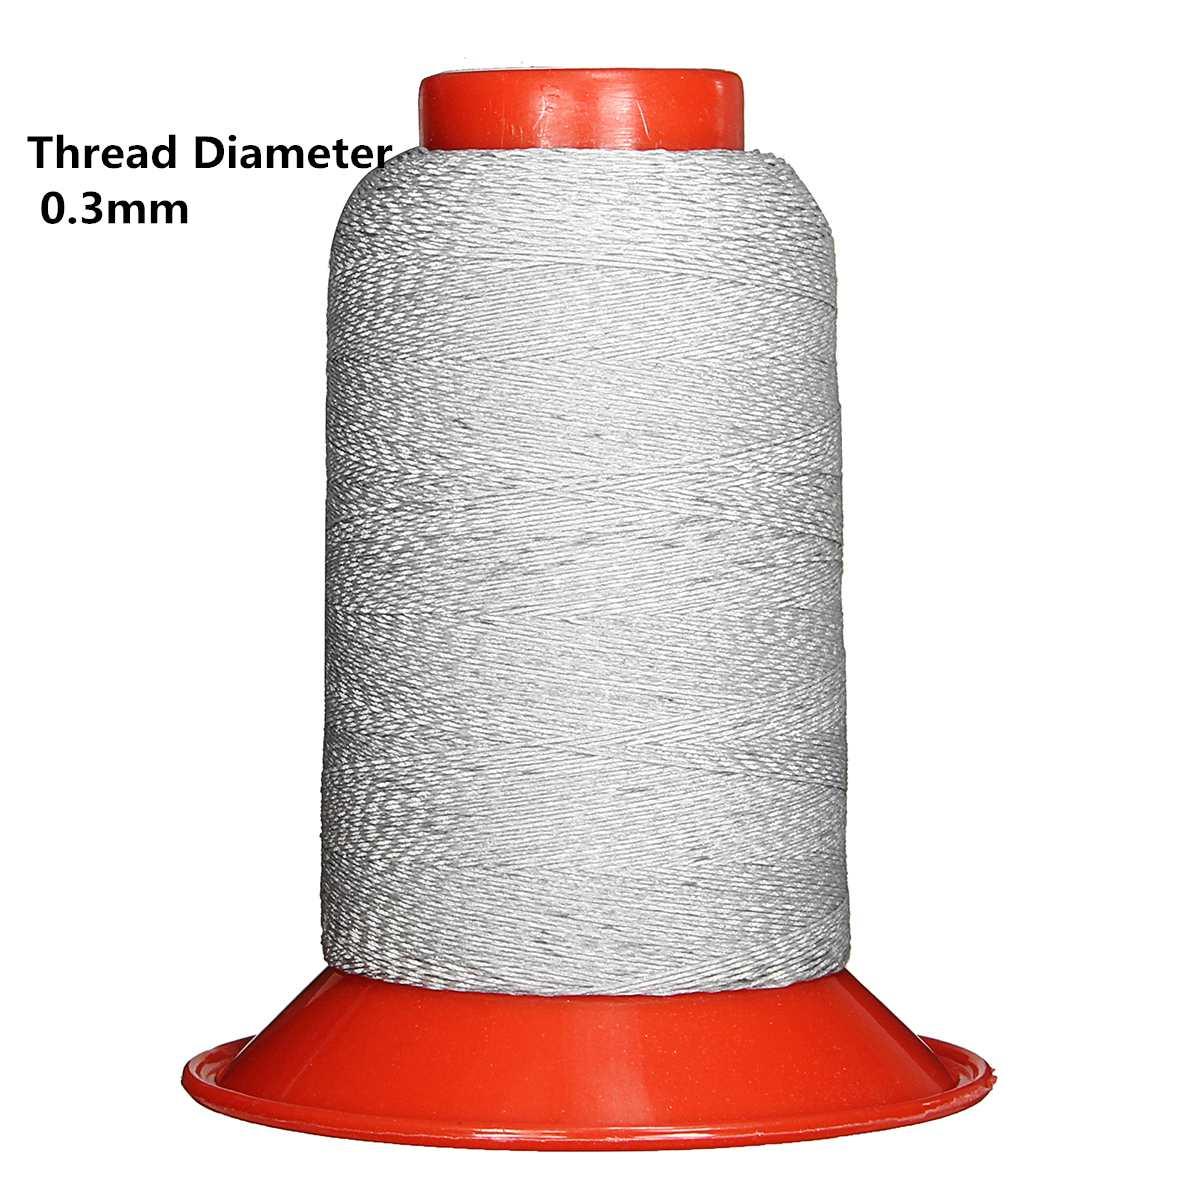 Нить для шитья из полиэстера светоотражающий 1000 м/рулон диаметром 0,5 мм/0,3/0,25/0,15 мм DIY Швейные для безопасной работы с химическими веществами Кепки Костюмы серебристо-серый - Цвет: Thread Dia 0.3mm